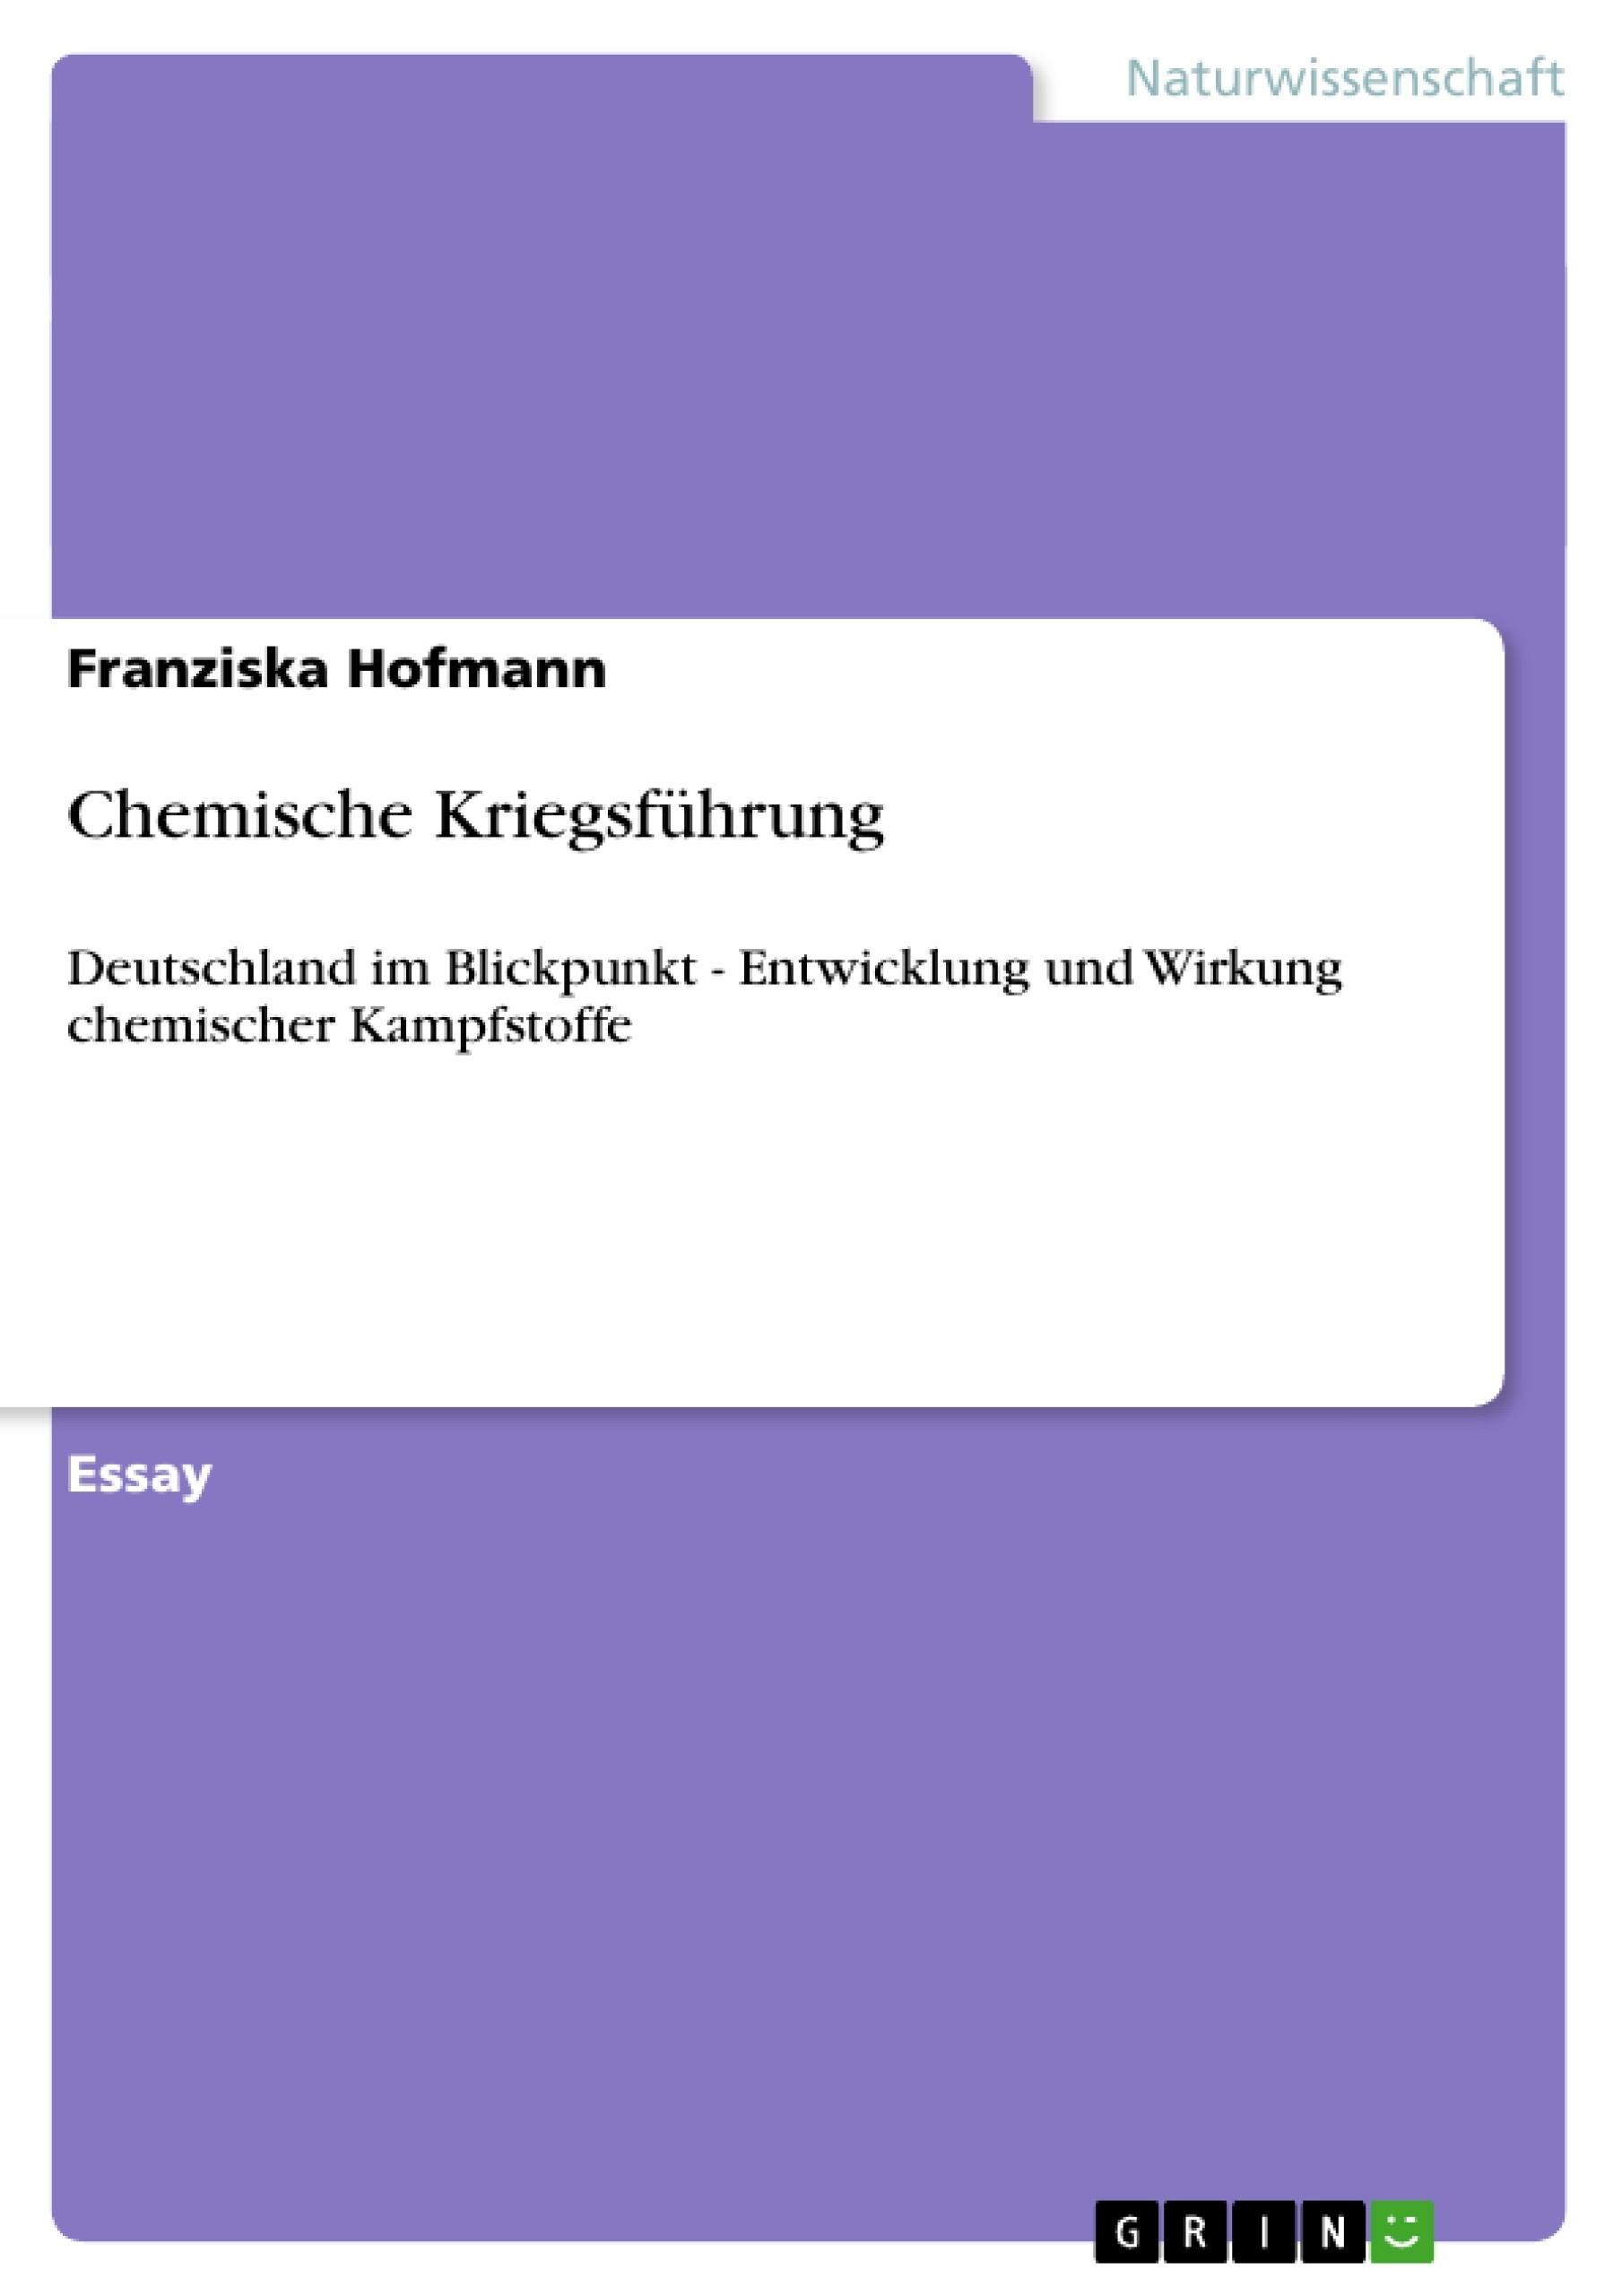 Titel: Chemische Kriegsführung